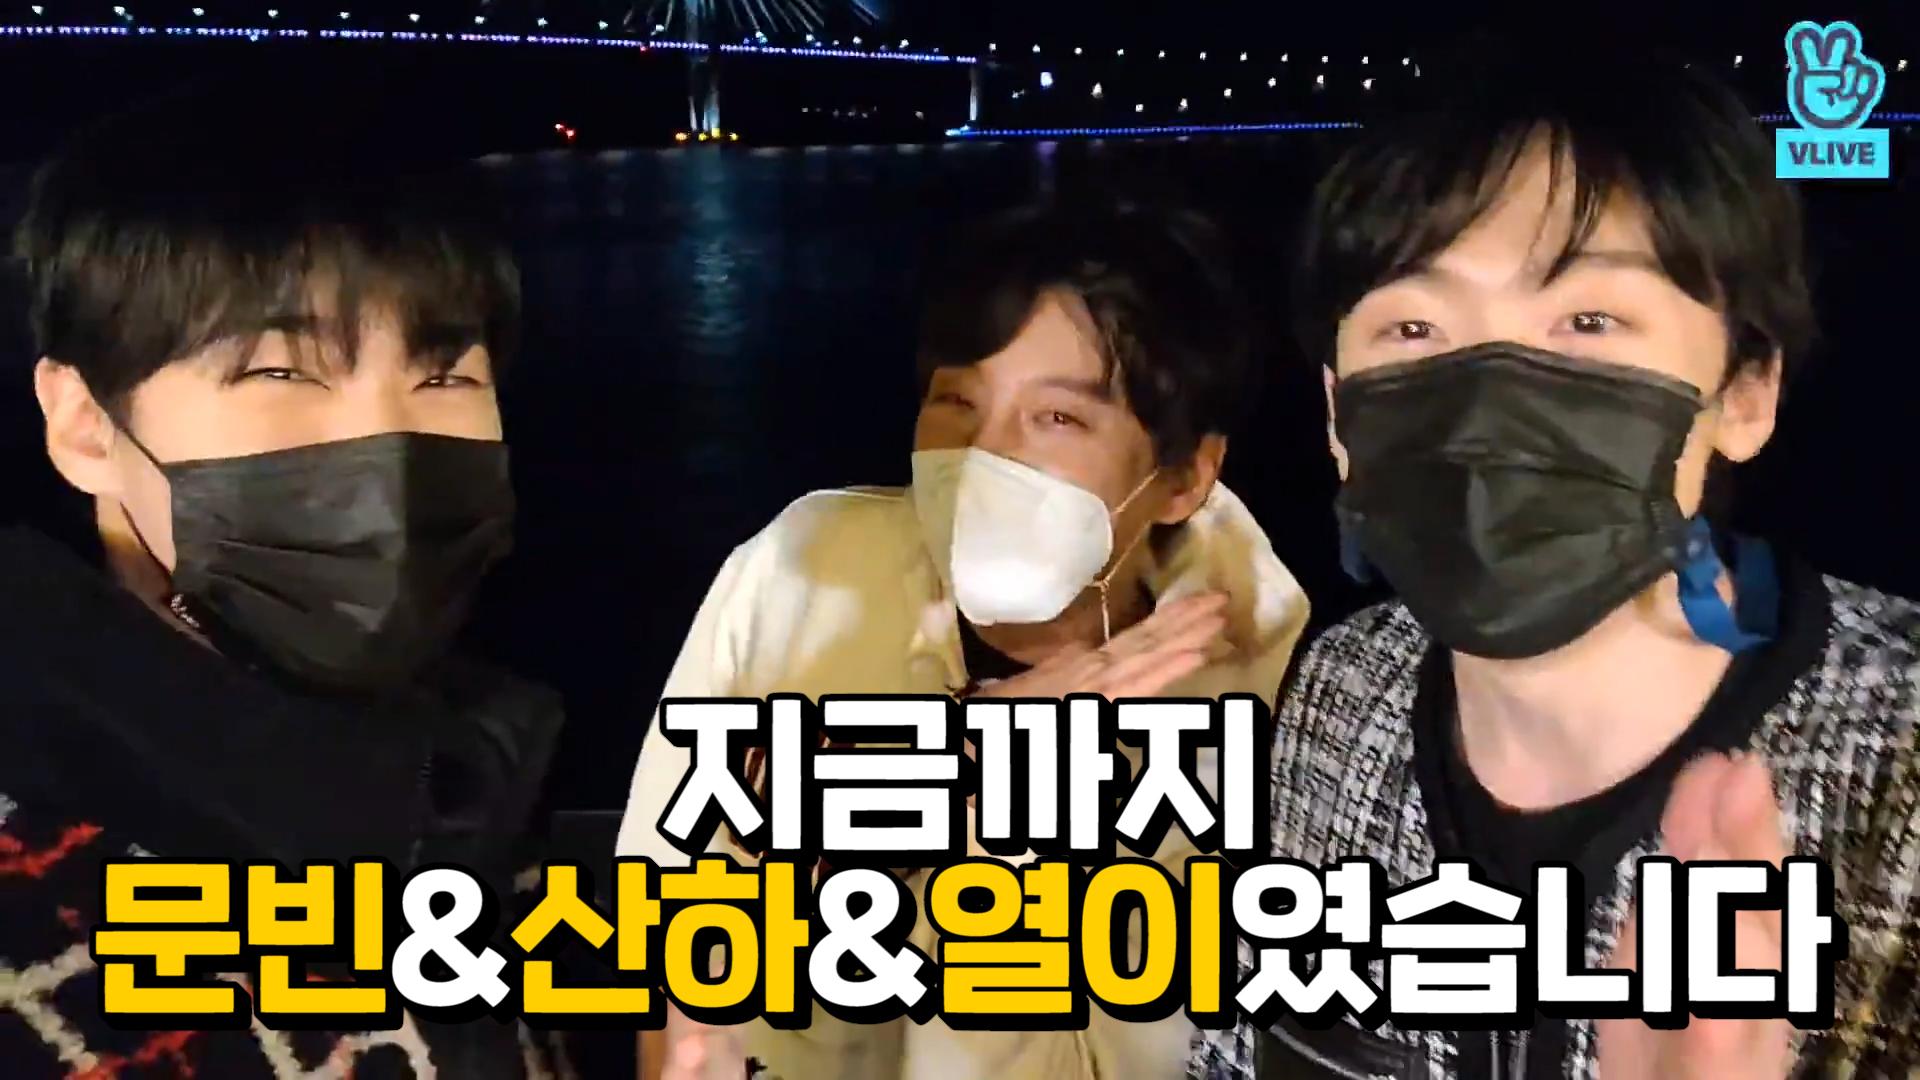 [ASTRO] 딴콩이 보여주는 바다라면 나는 오션뷰보다 딴콩뷰✨🌊 (MOONBIN&SANHA's V in MOKPO with ChiYeul)